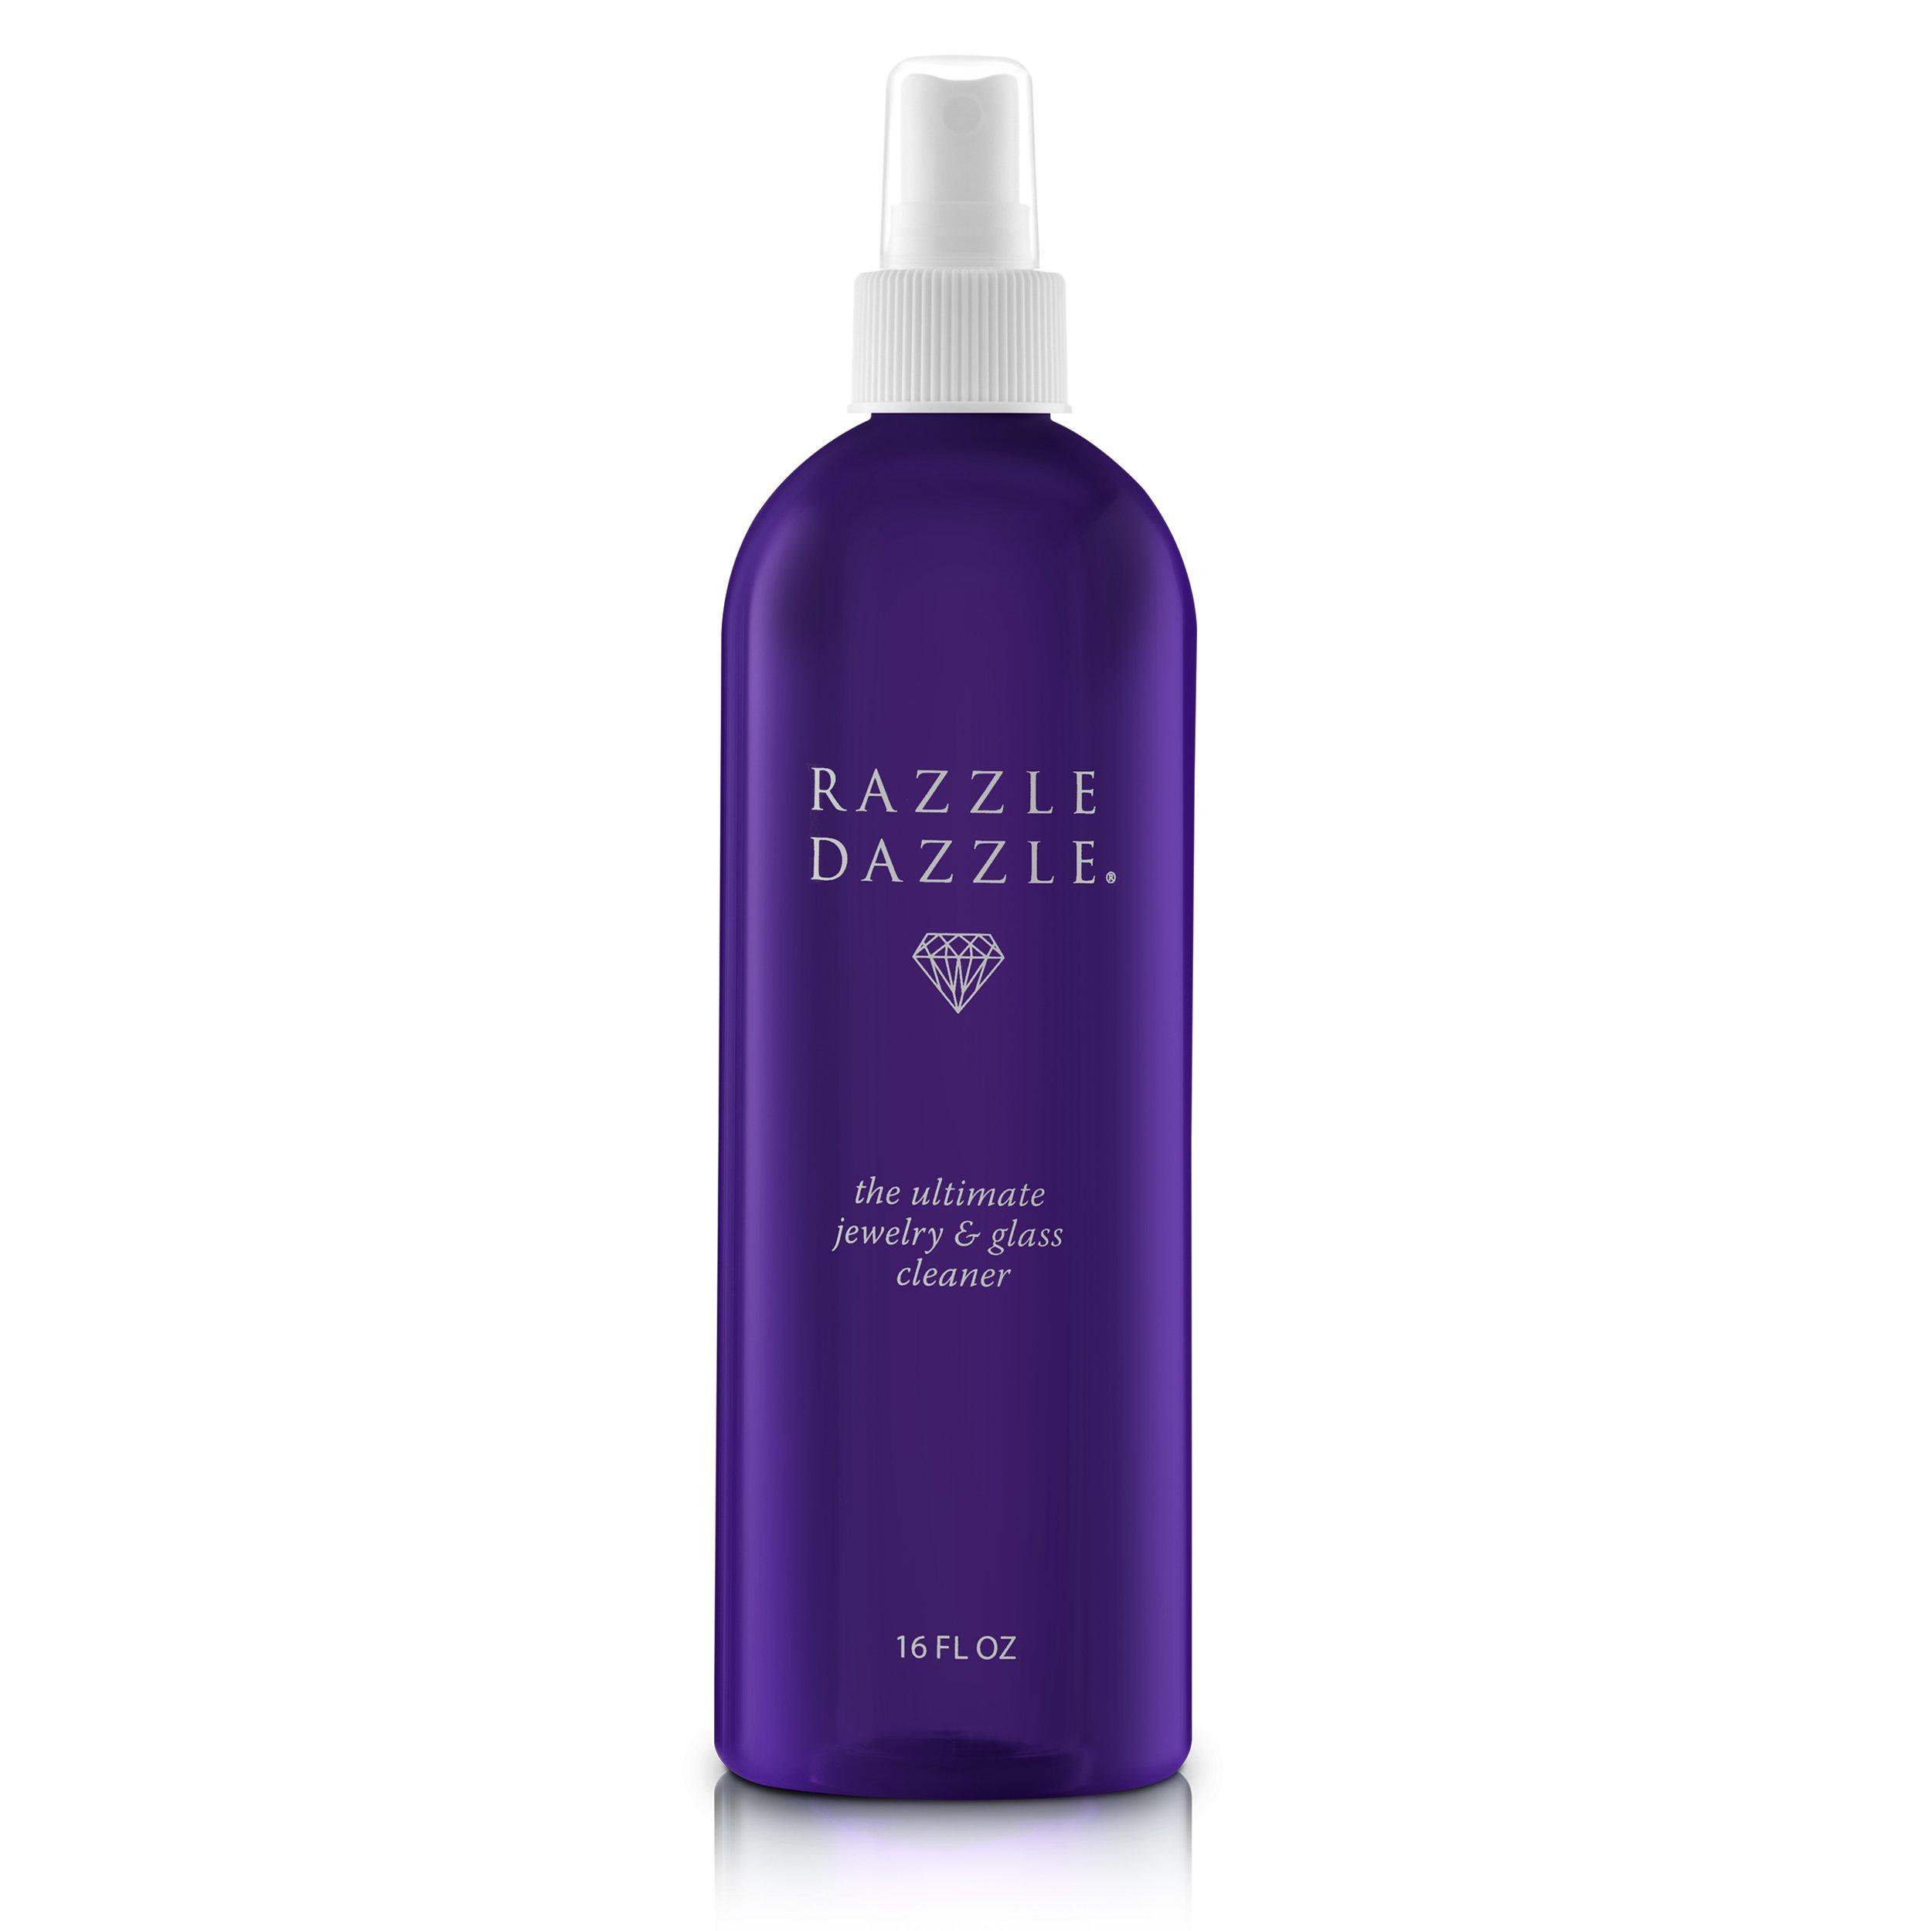 Razzle Dazzle Jewelry, Watch & Glass Cleaner Spray Bottle, 16 oz. by Razzle Dazzle (Image #1)